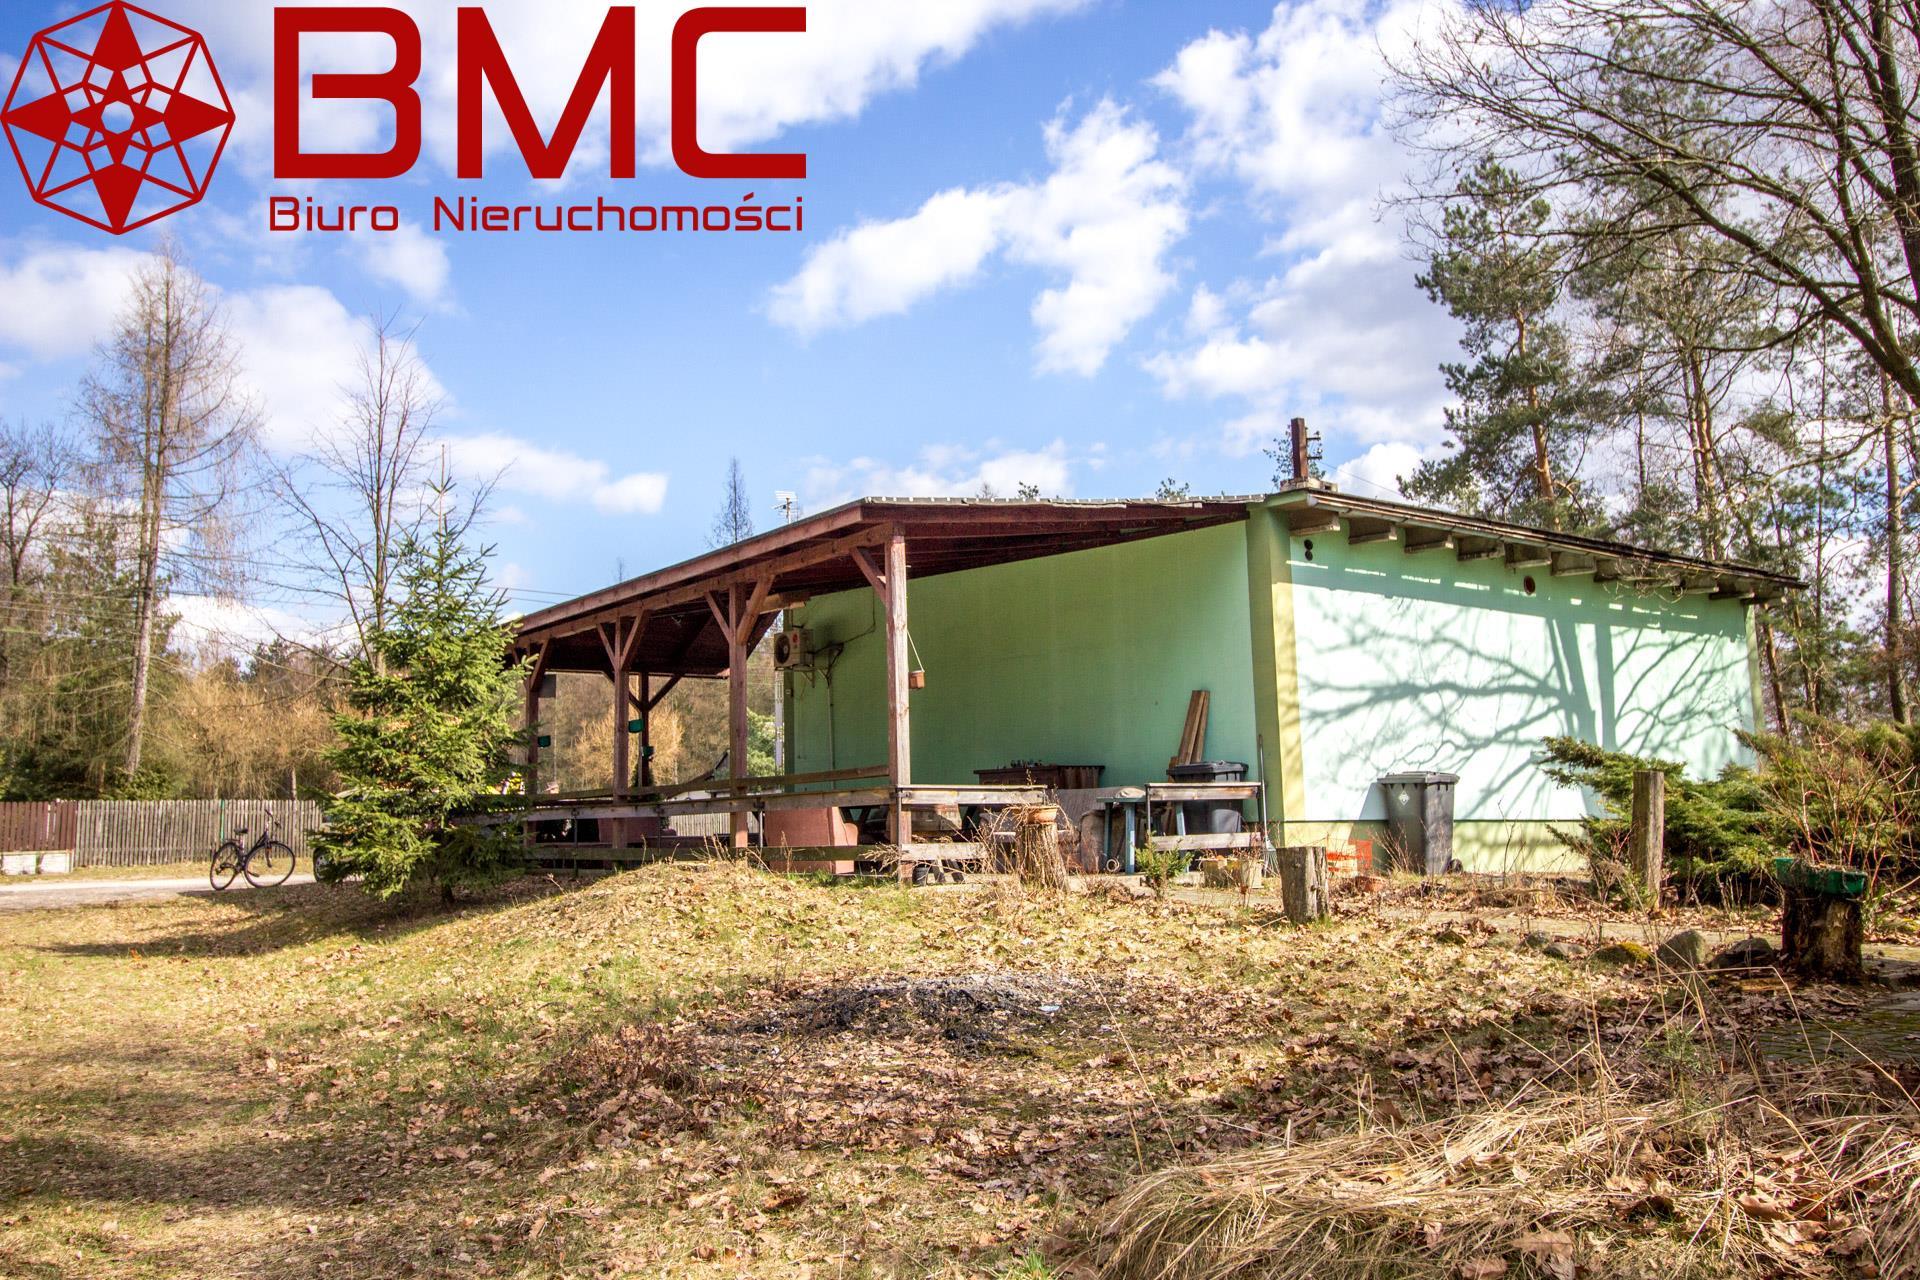 Nieruchomość Lokal sprzedaż Kamińsko Budynek na domek letniskowy Kamińsko1